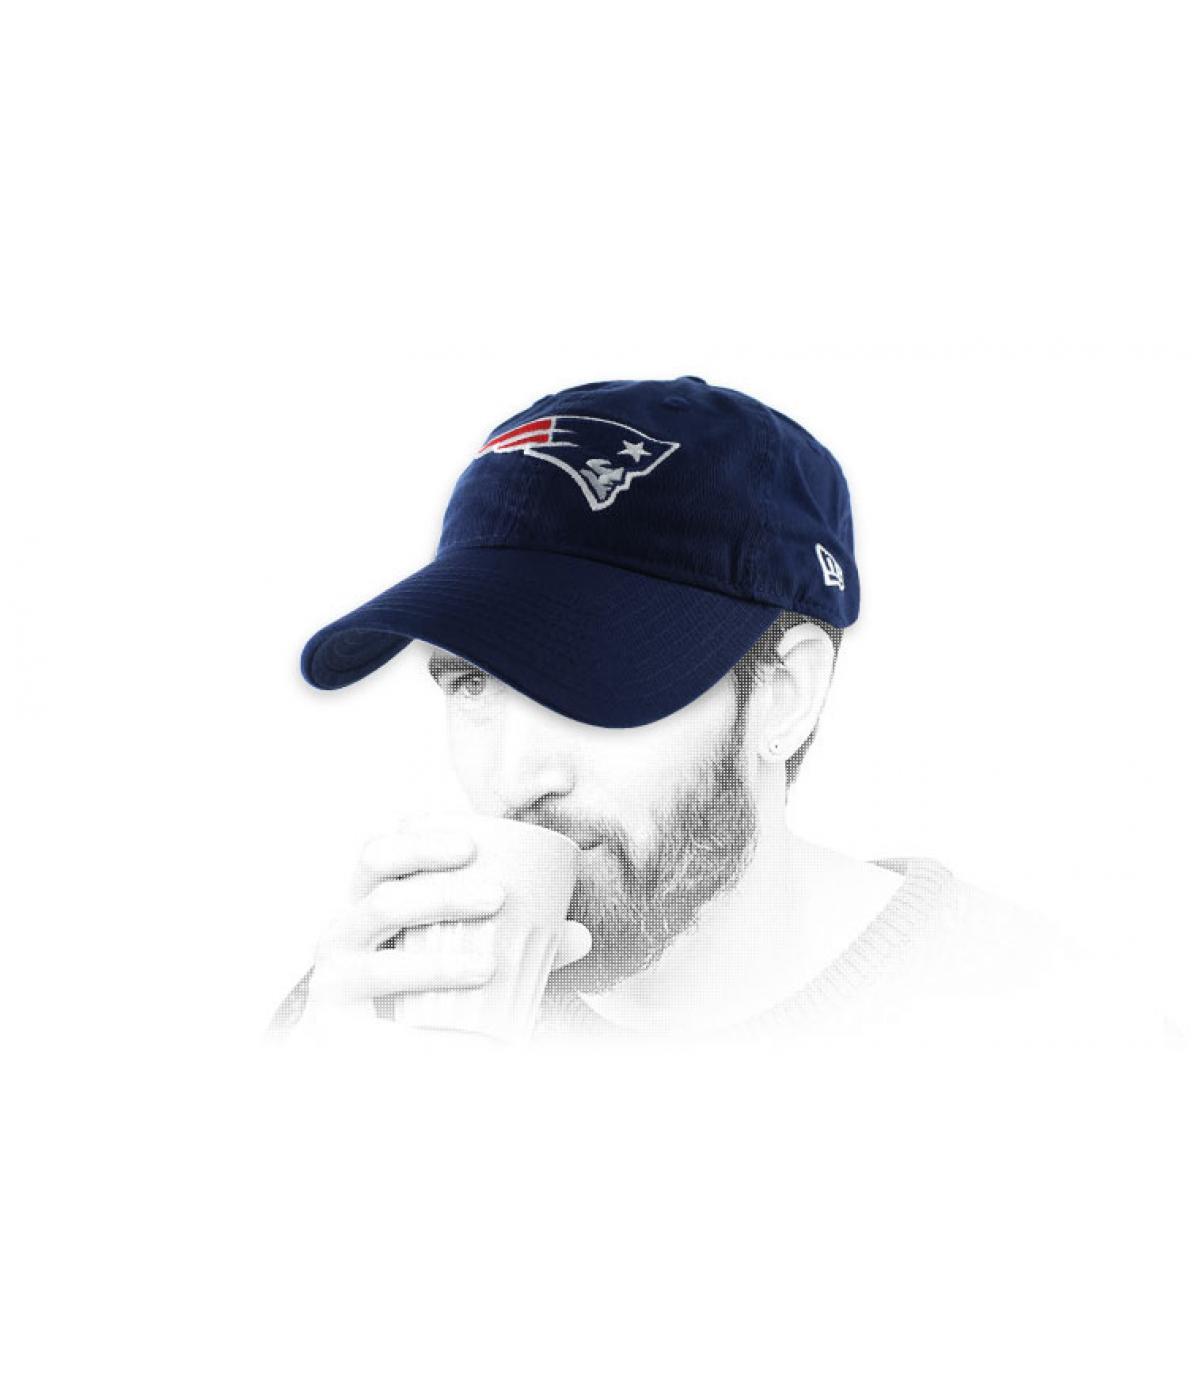 Patriots cap blauwe curve